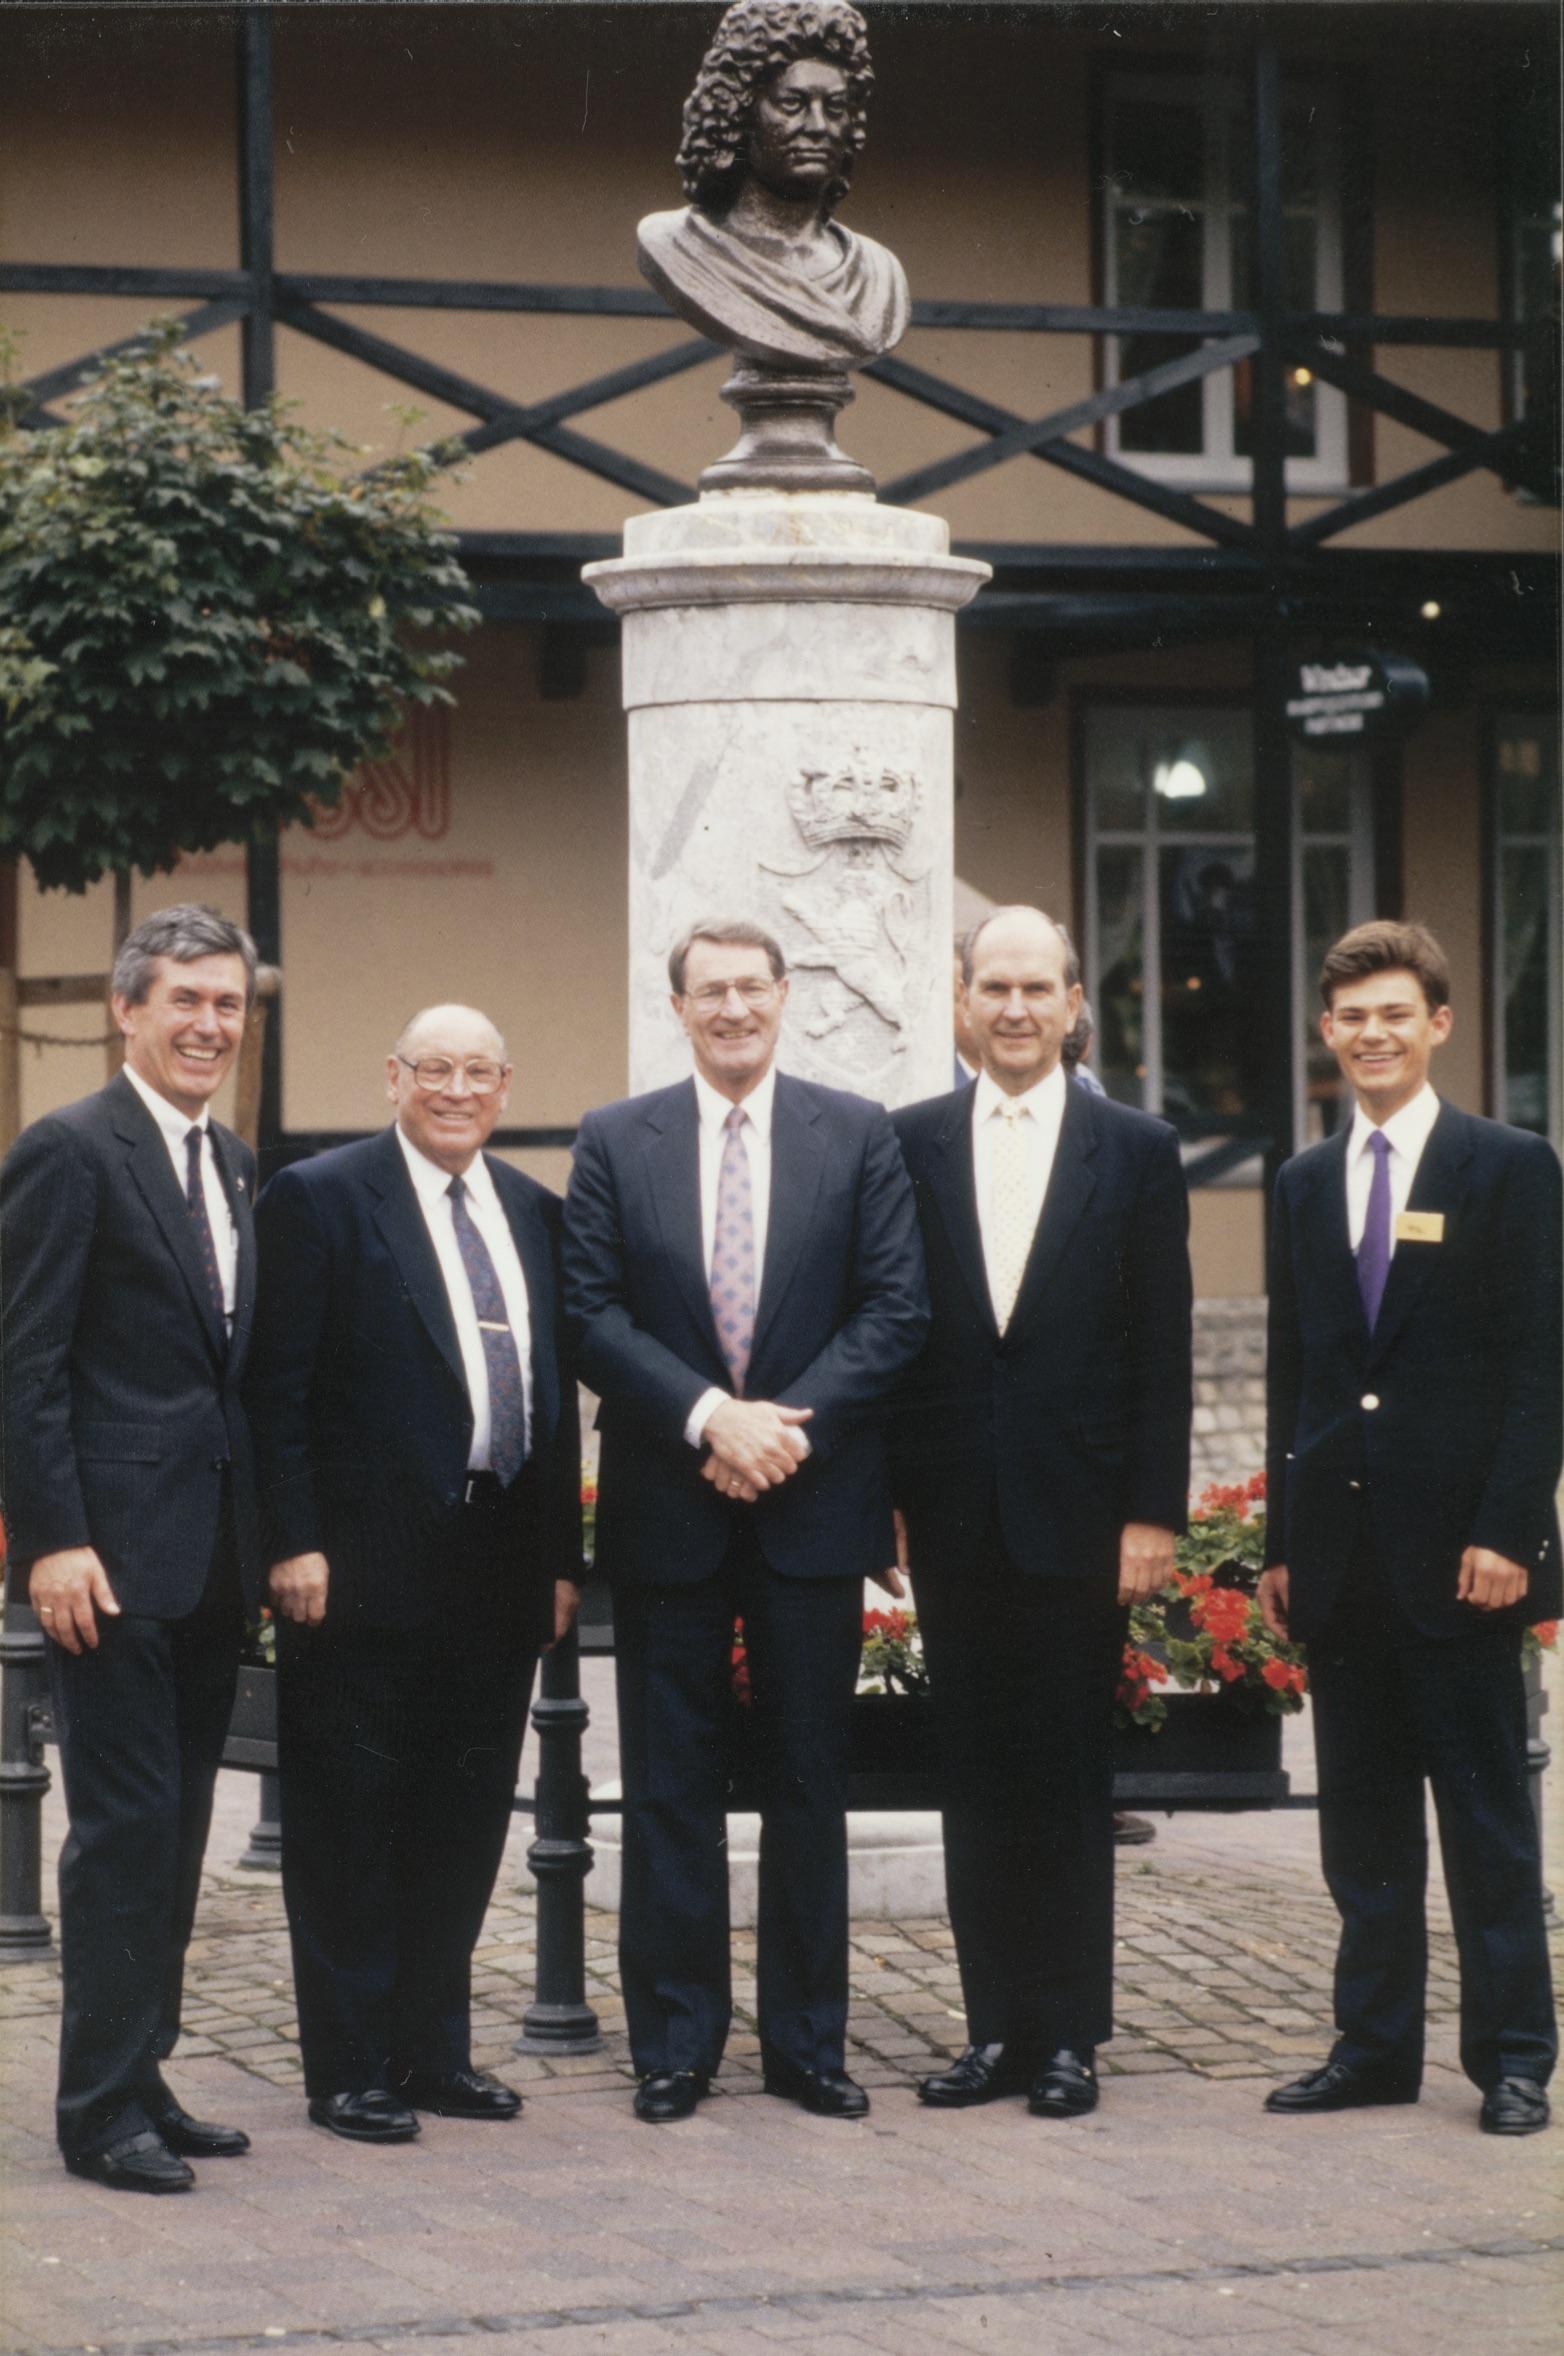 Dieter F. Uchtdorf, que servia como presidente do comitê do Templo de Frankfurt, e seu filho, Guido, com o élder Joseph B. Wirthlin, o élder Neal A. Maxwell e o élder Russell M. Nelson, durante a visitação pública do Templo de Frankfurt Alemanha em 1987.